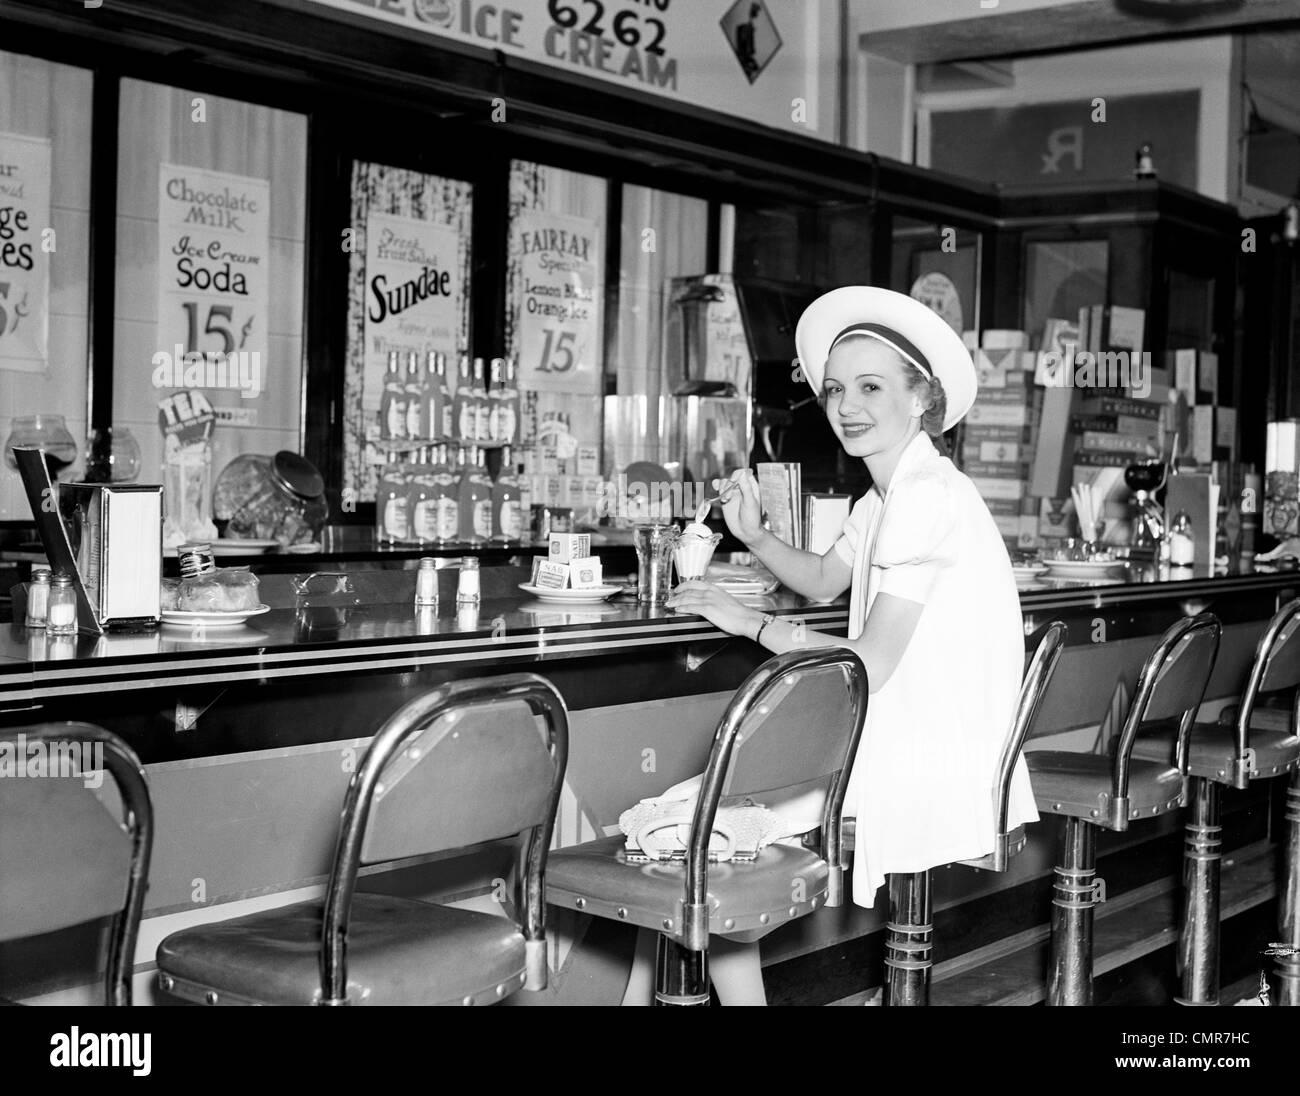 1930 MUJER EN vestido blanco y HAT SENTADO EN FUENTE DE SODA CONTADOR comer helado sundae Imagen De Stock